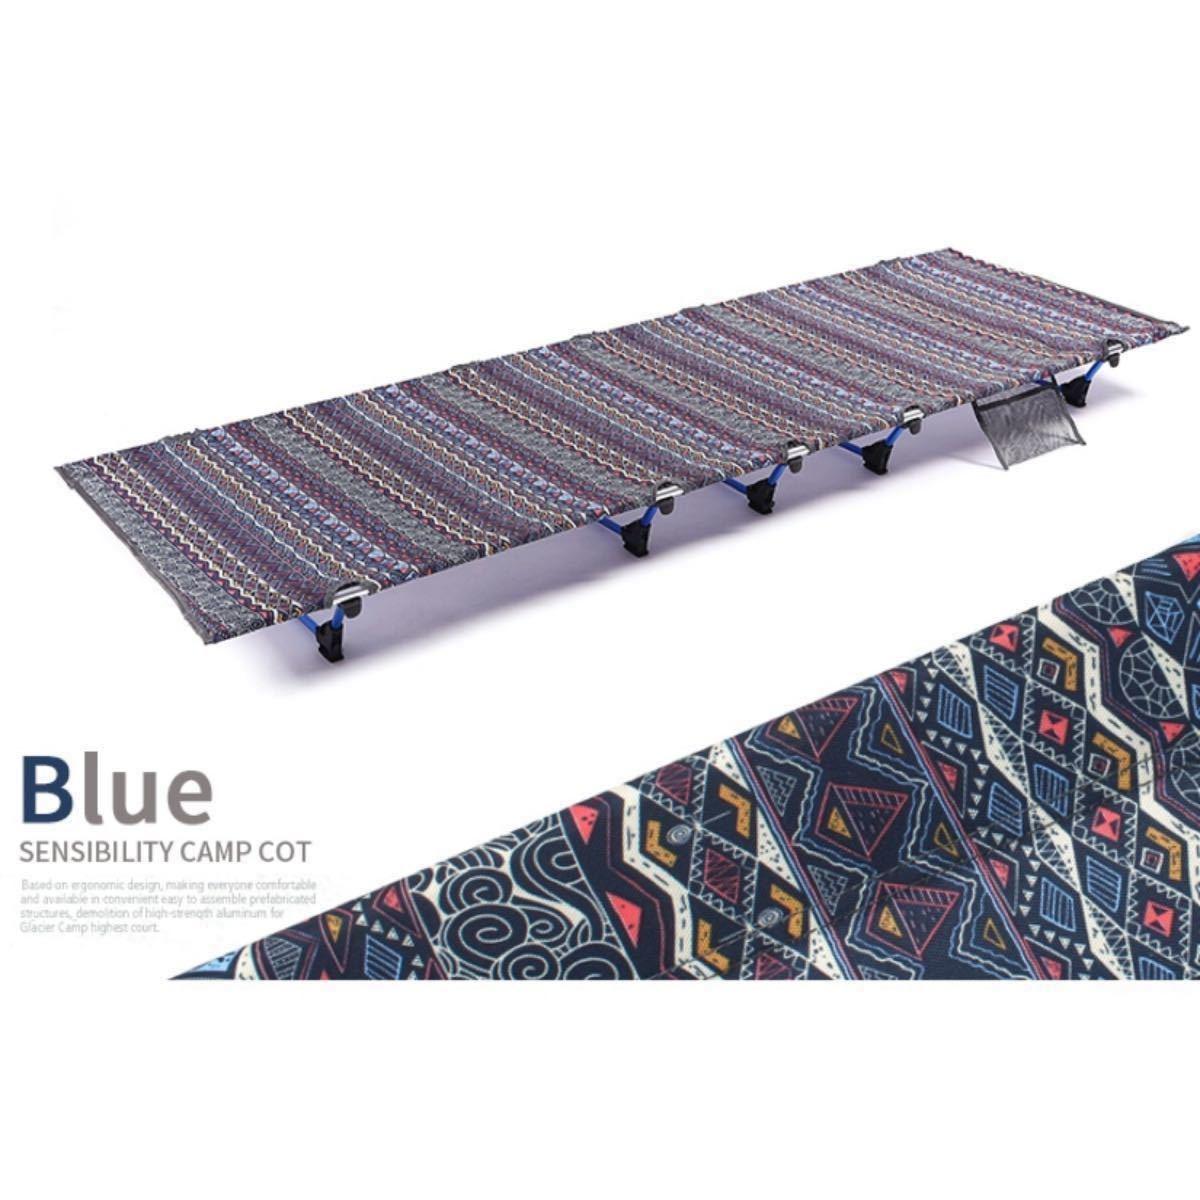 新品 匿名配送 アウトドアベッド 折りたたみ キャンプ コンパクト 超軽量 耐荷重 通気性 ブルー